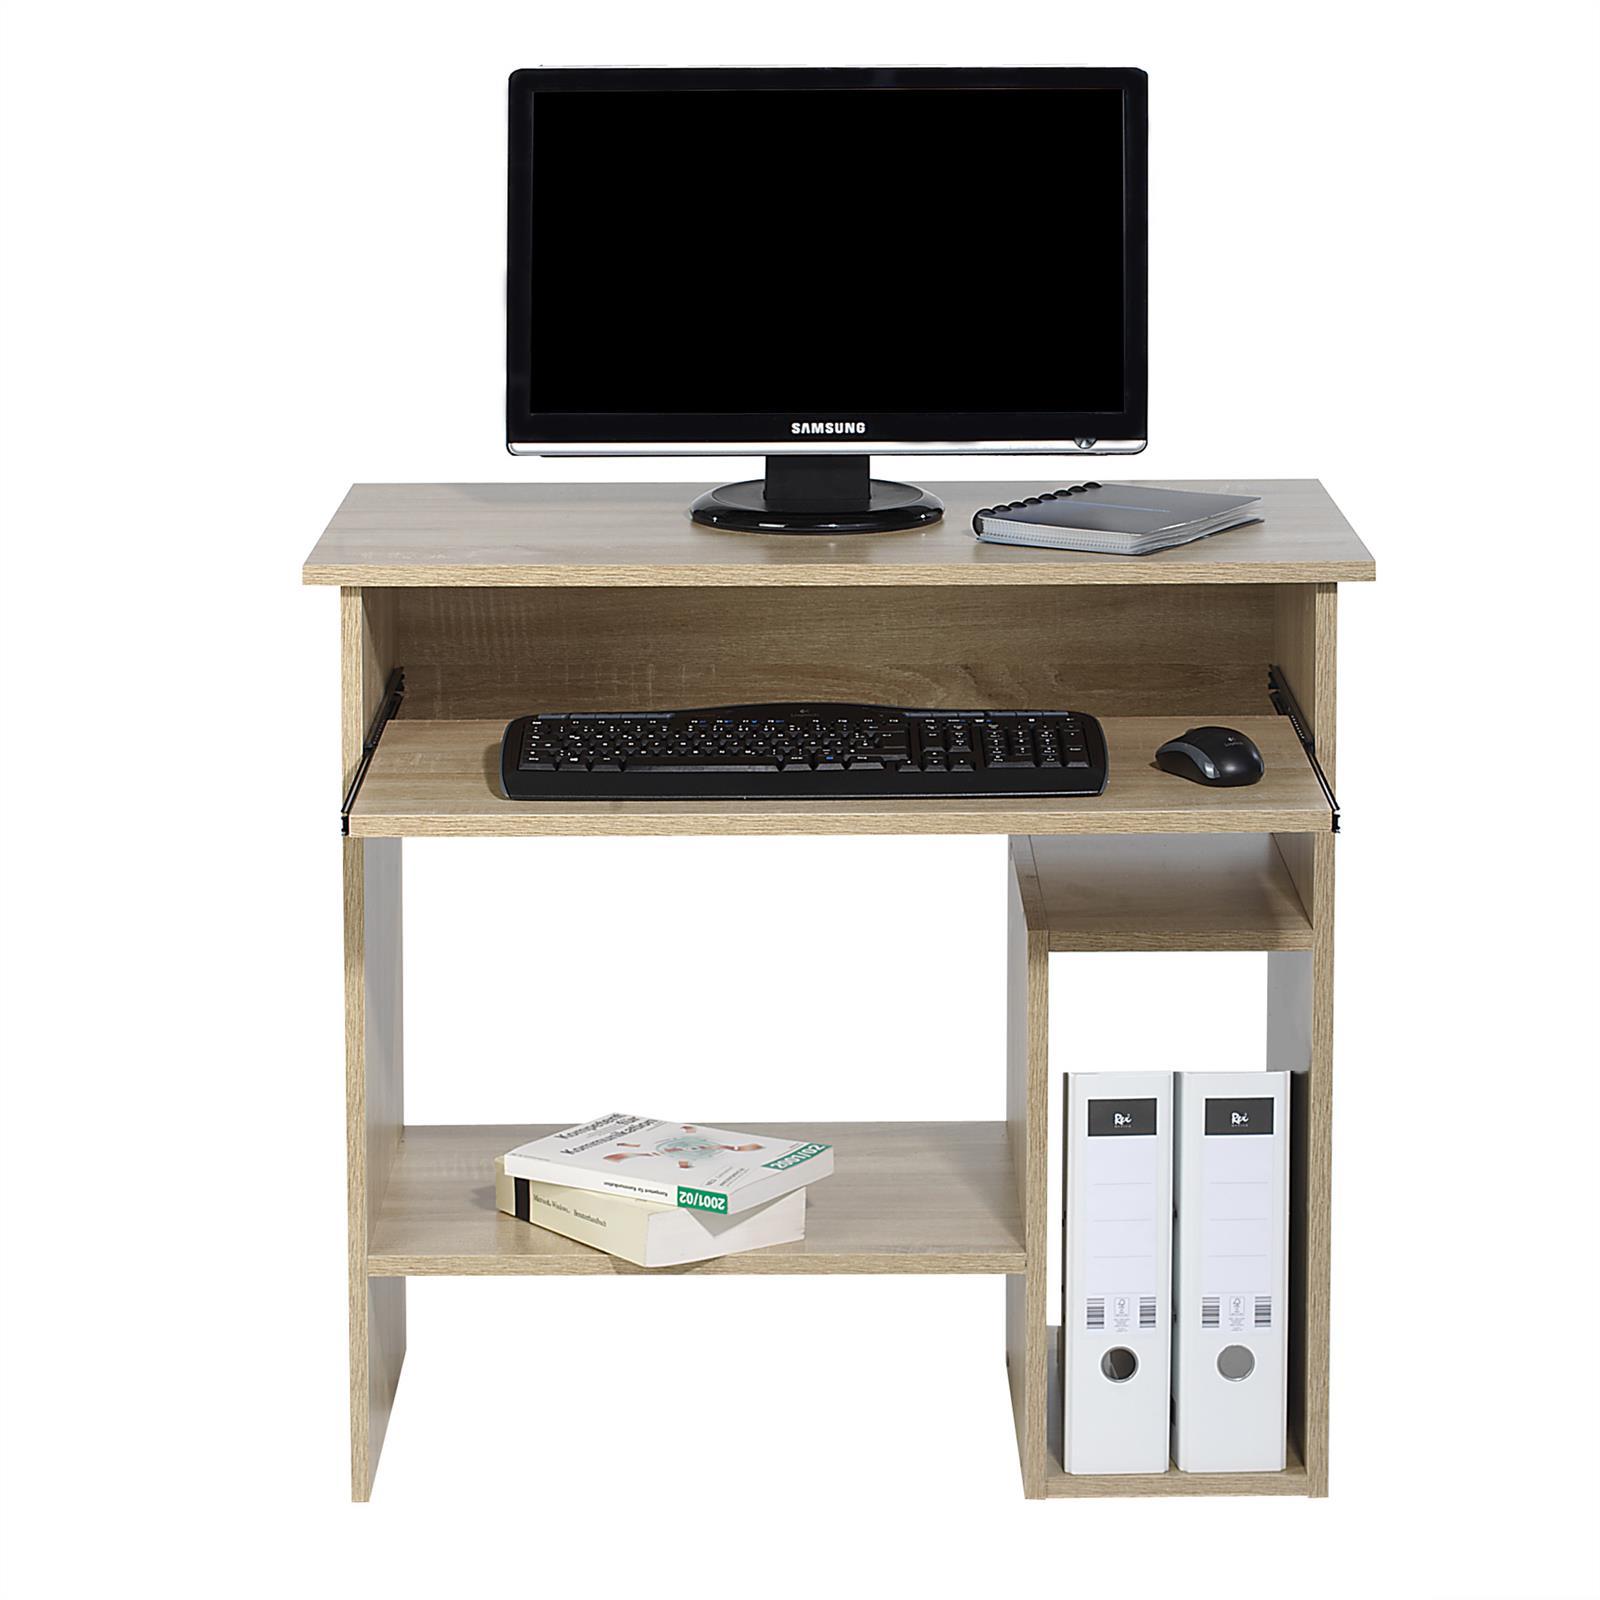 computertisch lotta mit tastaturauszug 80 cm breit caro m bel. Black Bedroom Furniture Sets. Home Design Ideas